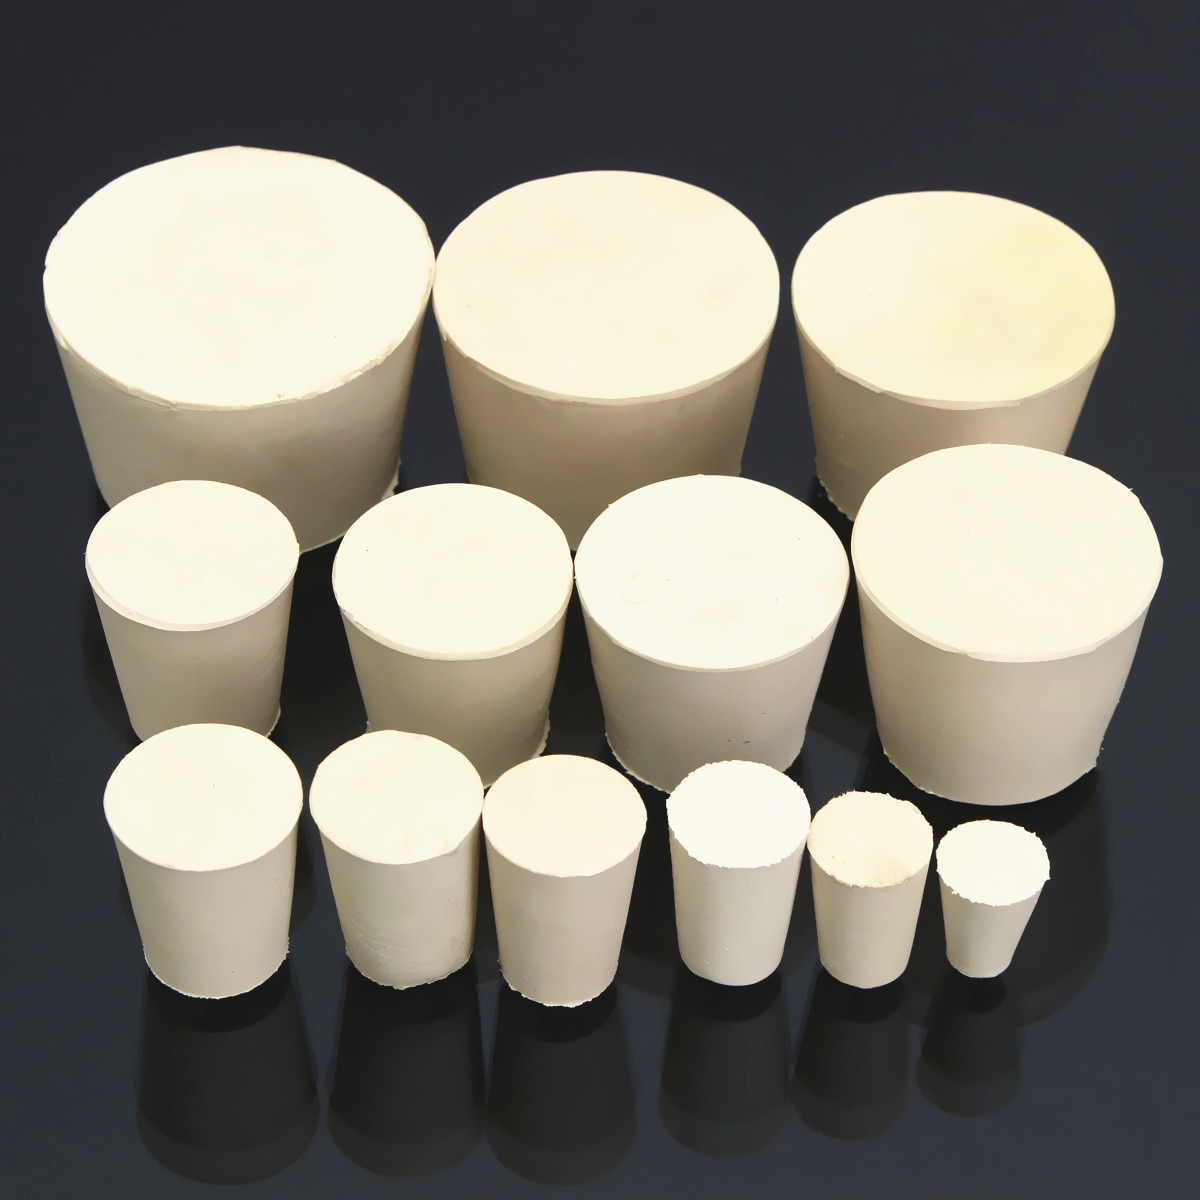 Лабораторные резиновые пробки колба коническая трубка твердая белая щелочестойкая лабораторная герметичная пробка